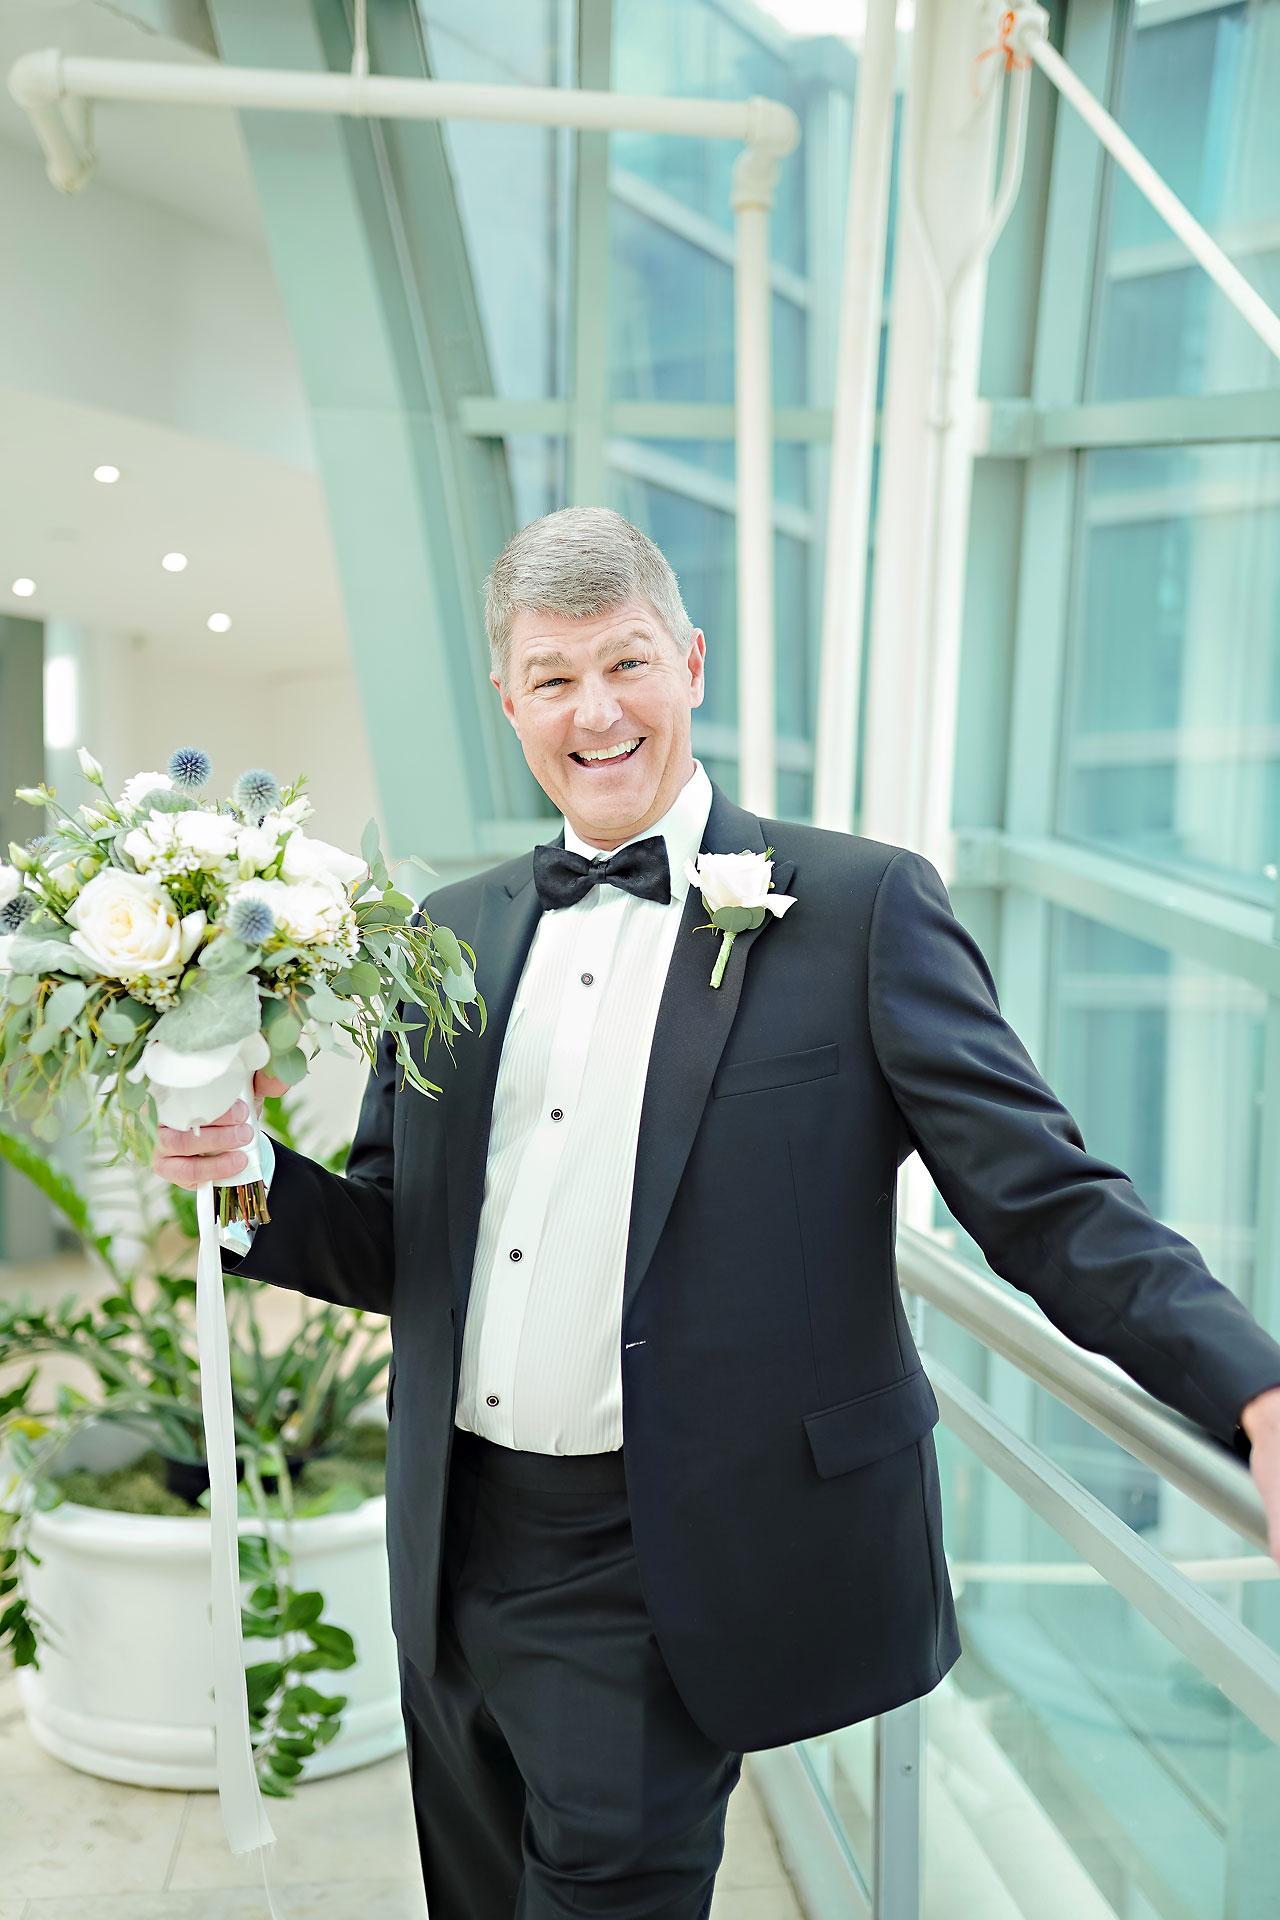 Liz Zach Conrad Artsgarden Indianapolis Wedding 152